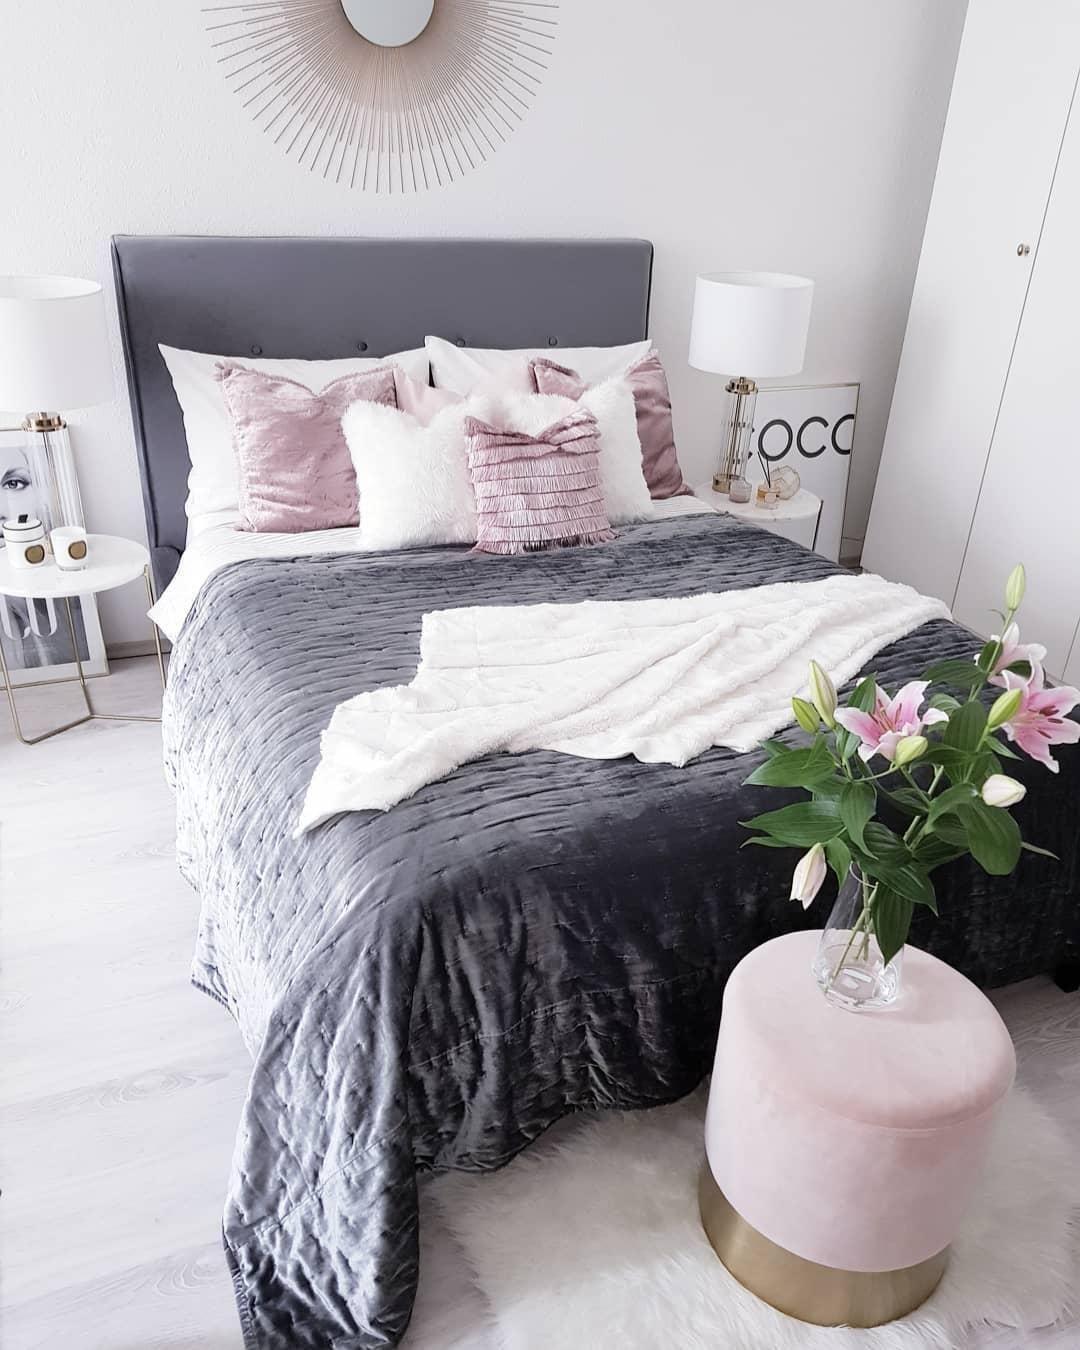 Glam Vibes In Diesem Eleganten Schlafzimmer Stimmt Jedes Detail Einzigartige Textilien Frische Blumen Innenarchitektur Schlafzimmer Schlafzimmer Bett Zimmer